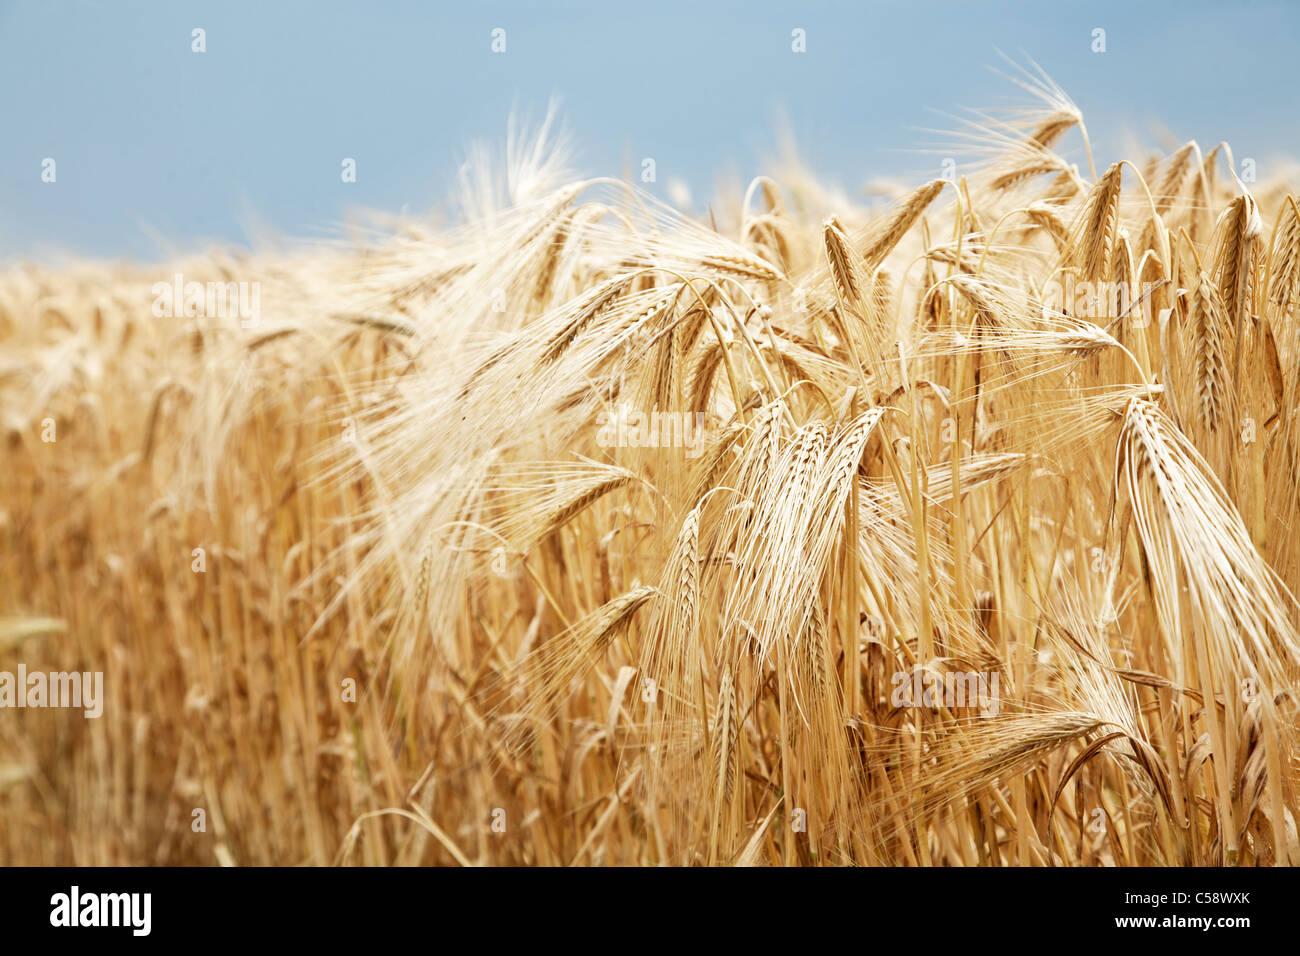 Immagine ravvicinata di grano levetta su un cielo blu sullo sfondo. Immagini Stock